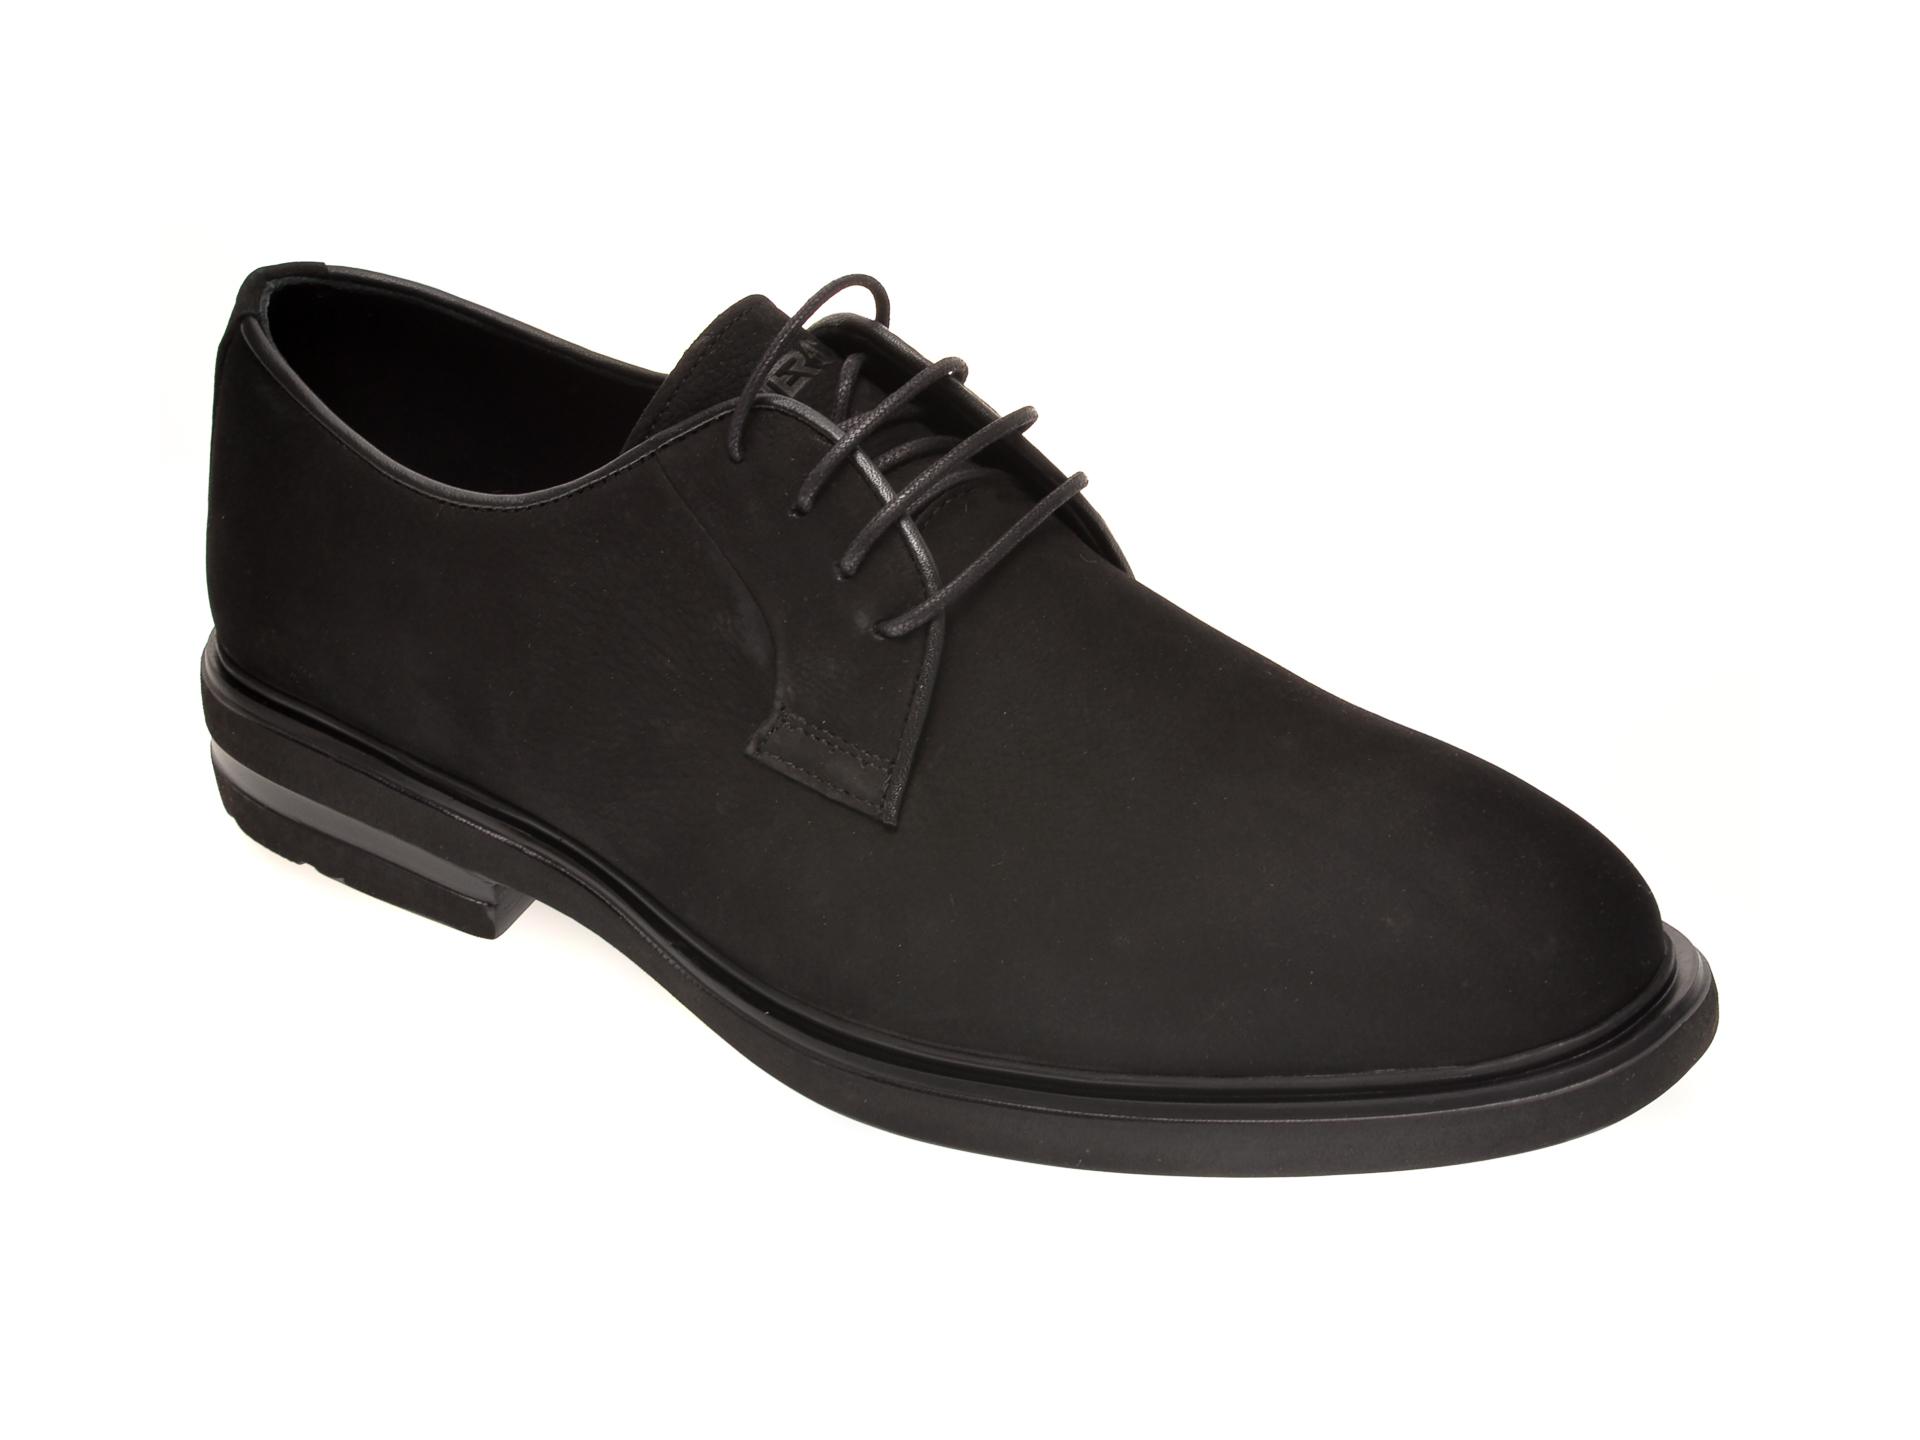 Pantofi OTTER negri, E1801, din nabuc imagine